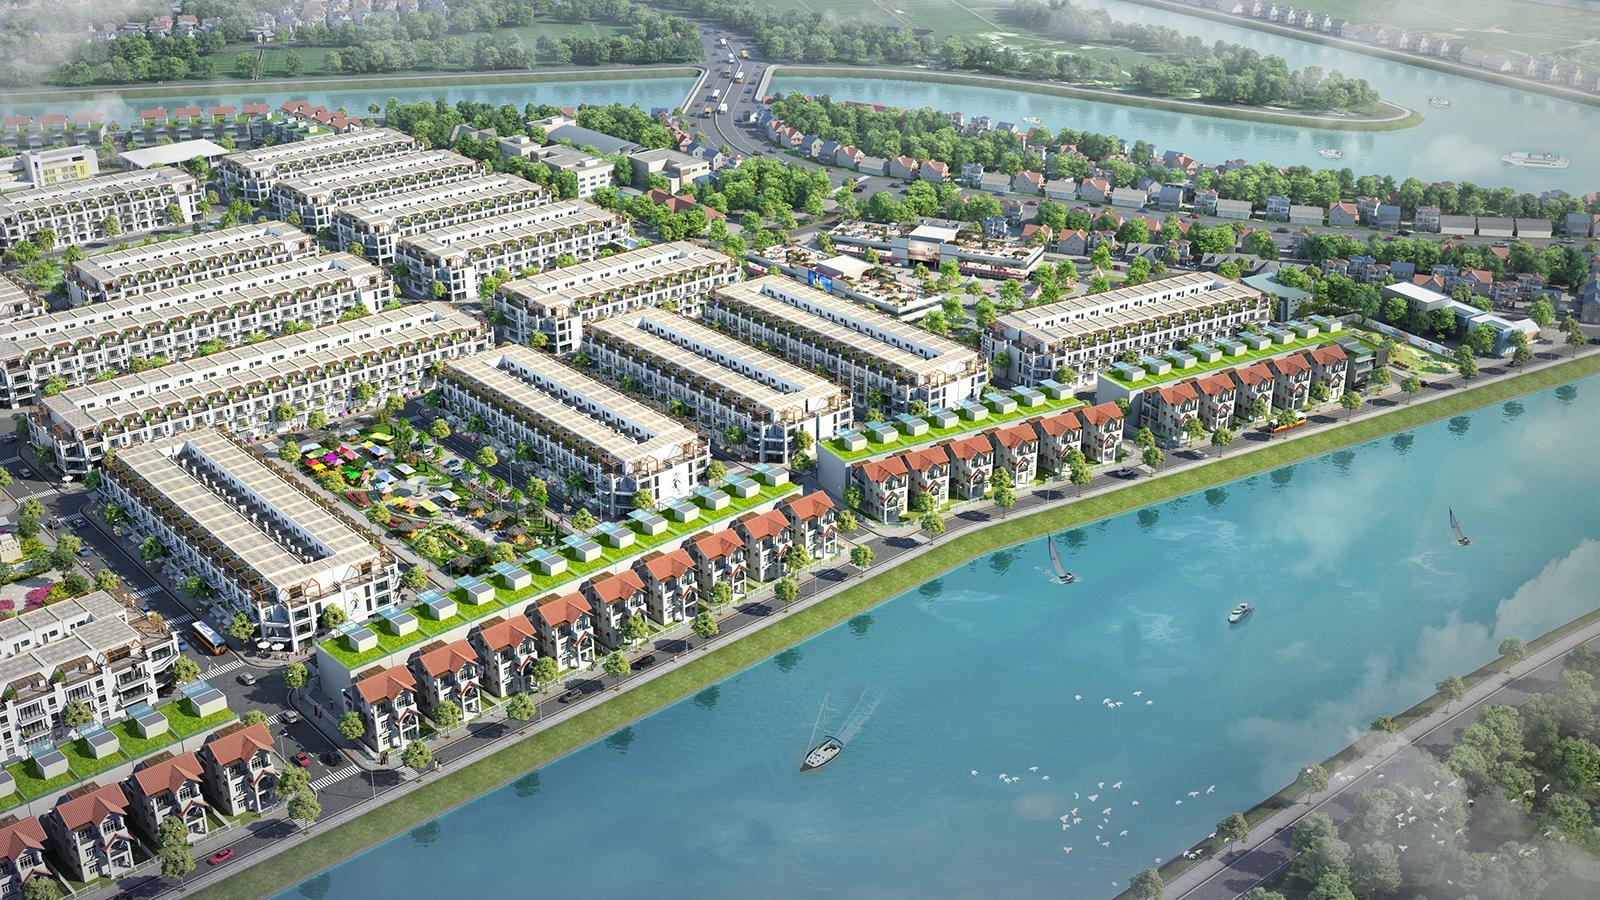 Phân khu An Thịnh tập trung phát triển khu trung tâm thương mại nằm ngay sát Quốc lộ 1A